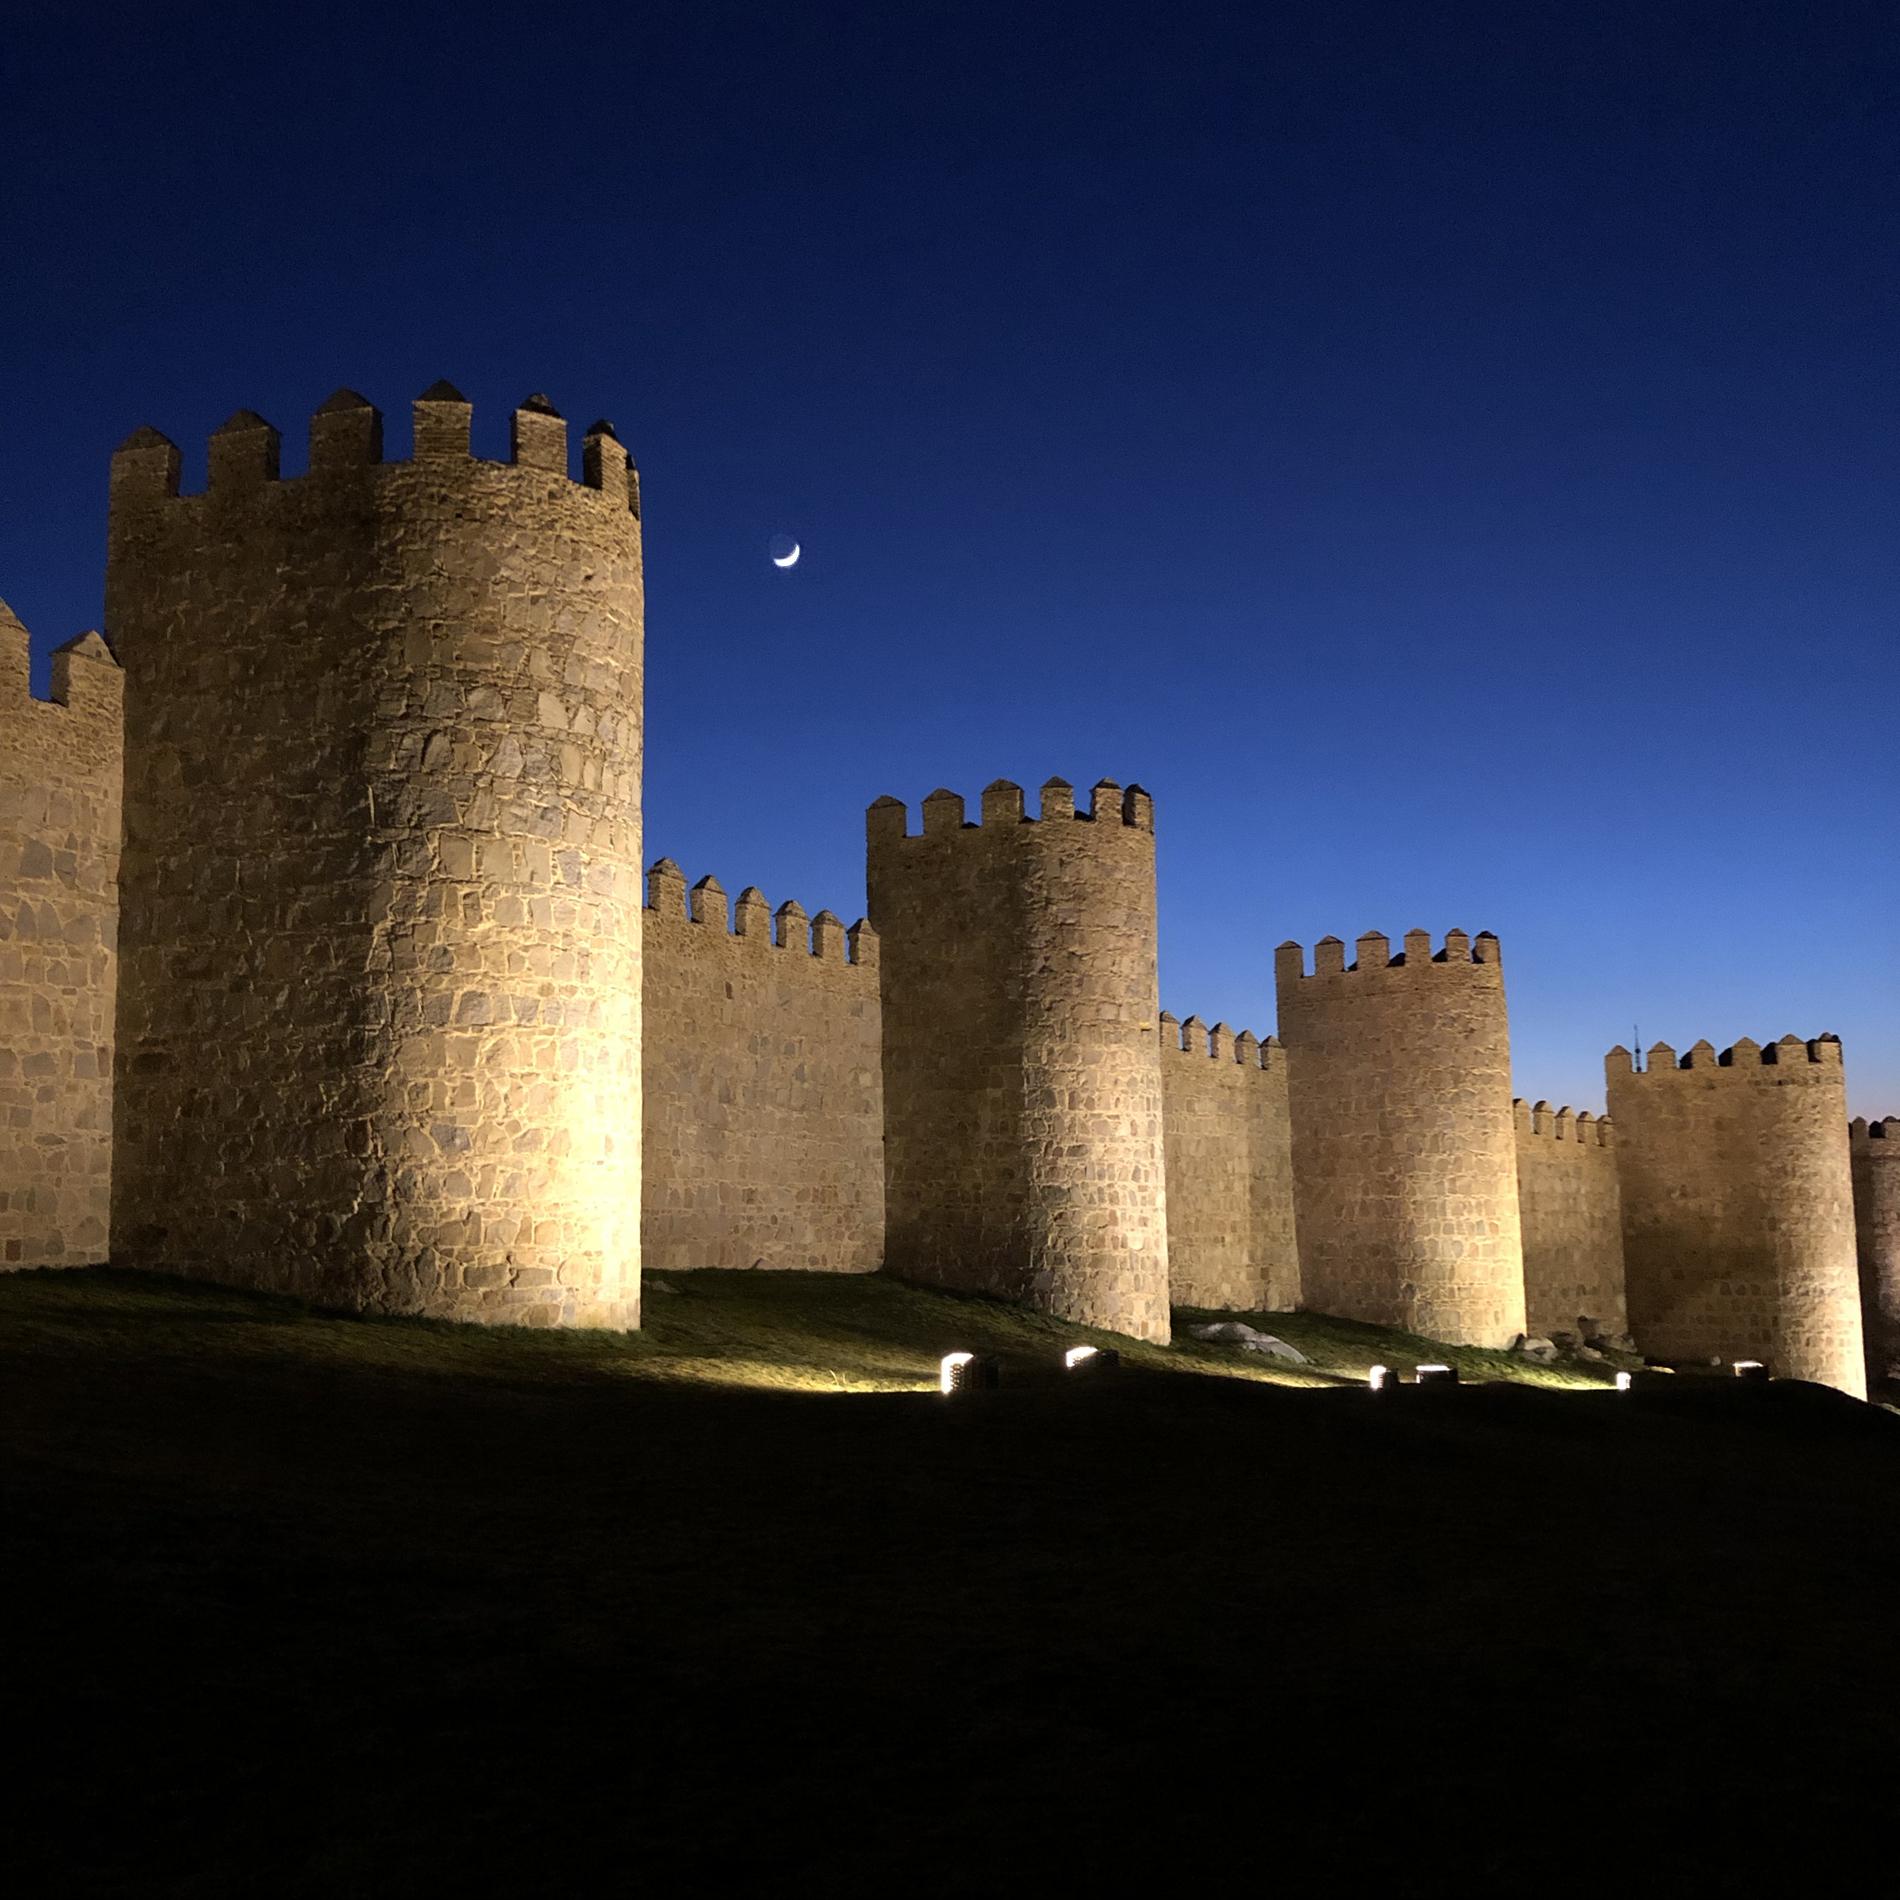 Las murallas de Ávila a la luz de la luna.